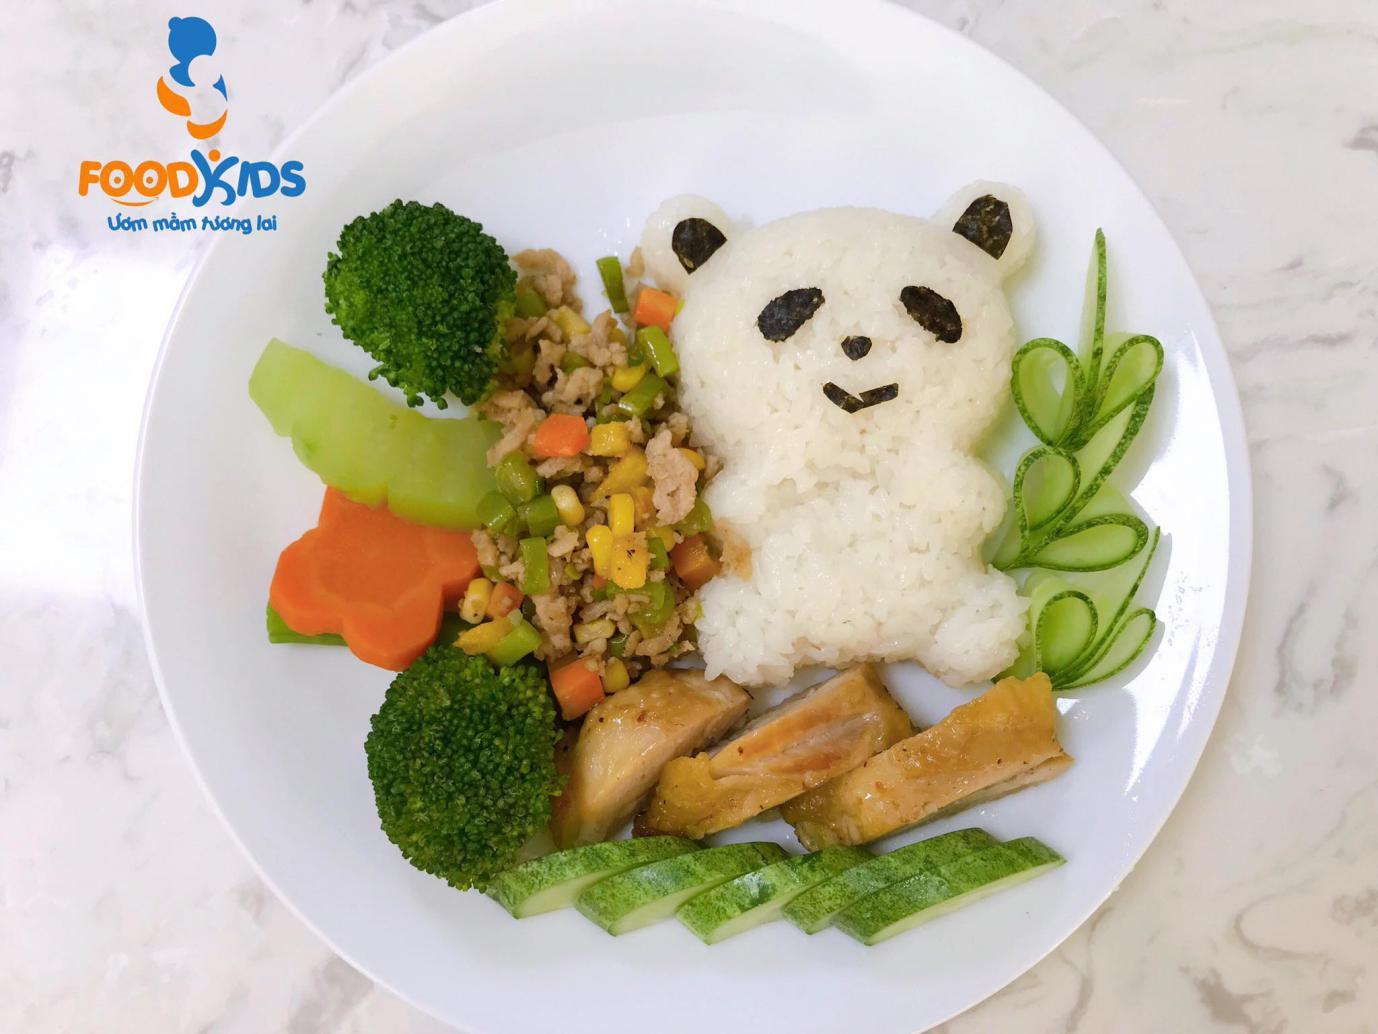 Smilekids- bí quyết giúp mẹ kiểm soát chế độ ăn cho bé mỗi ngày - Ảnh 1.